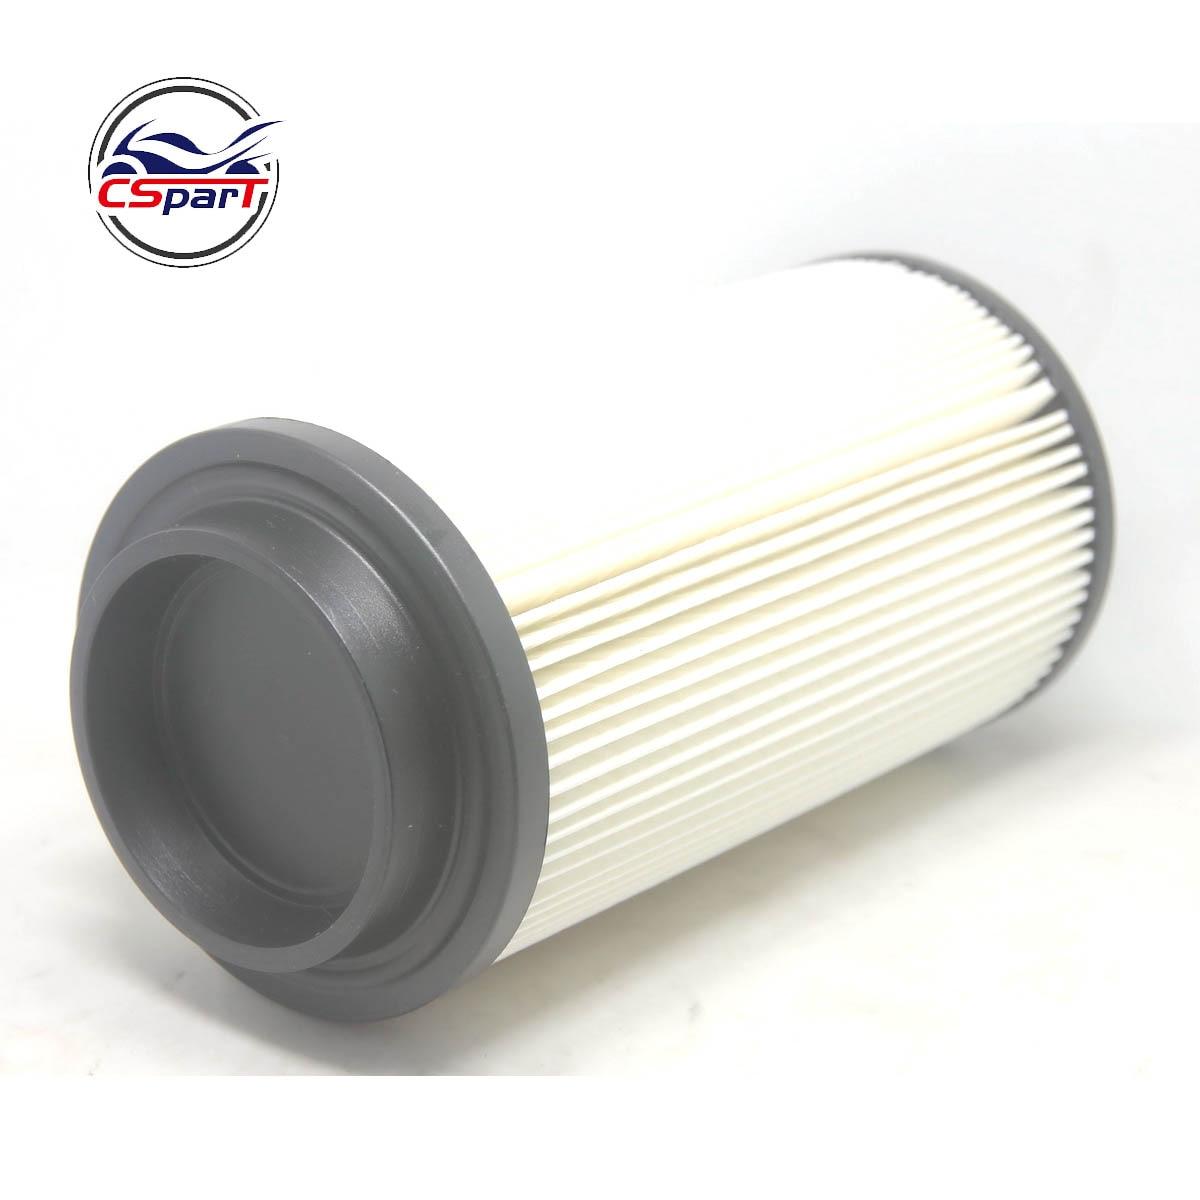 Воздушный фильтр для Polaris Sportsman Scrambler 400 500 600 700 800 550 850 #7080595